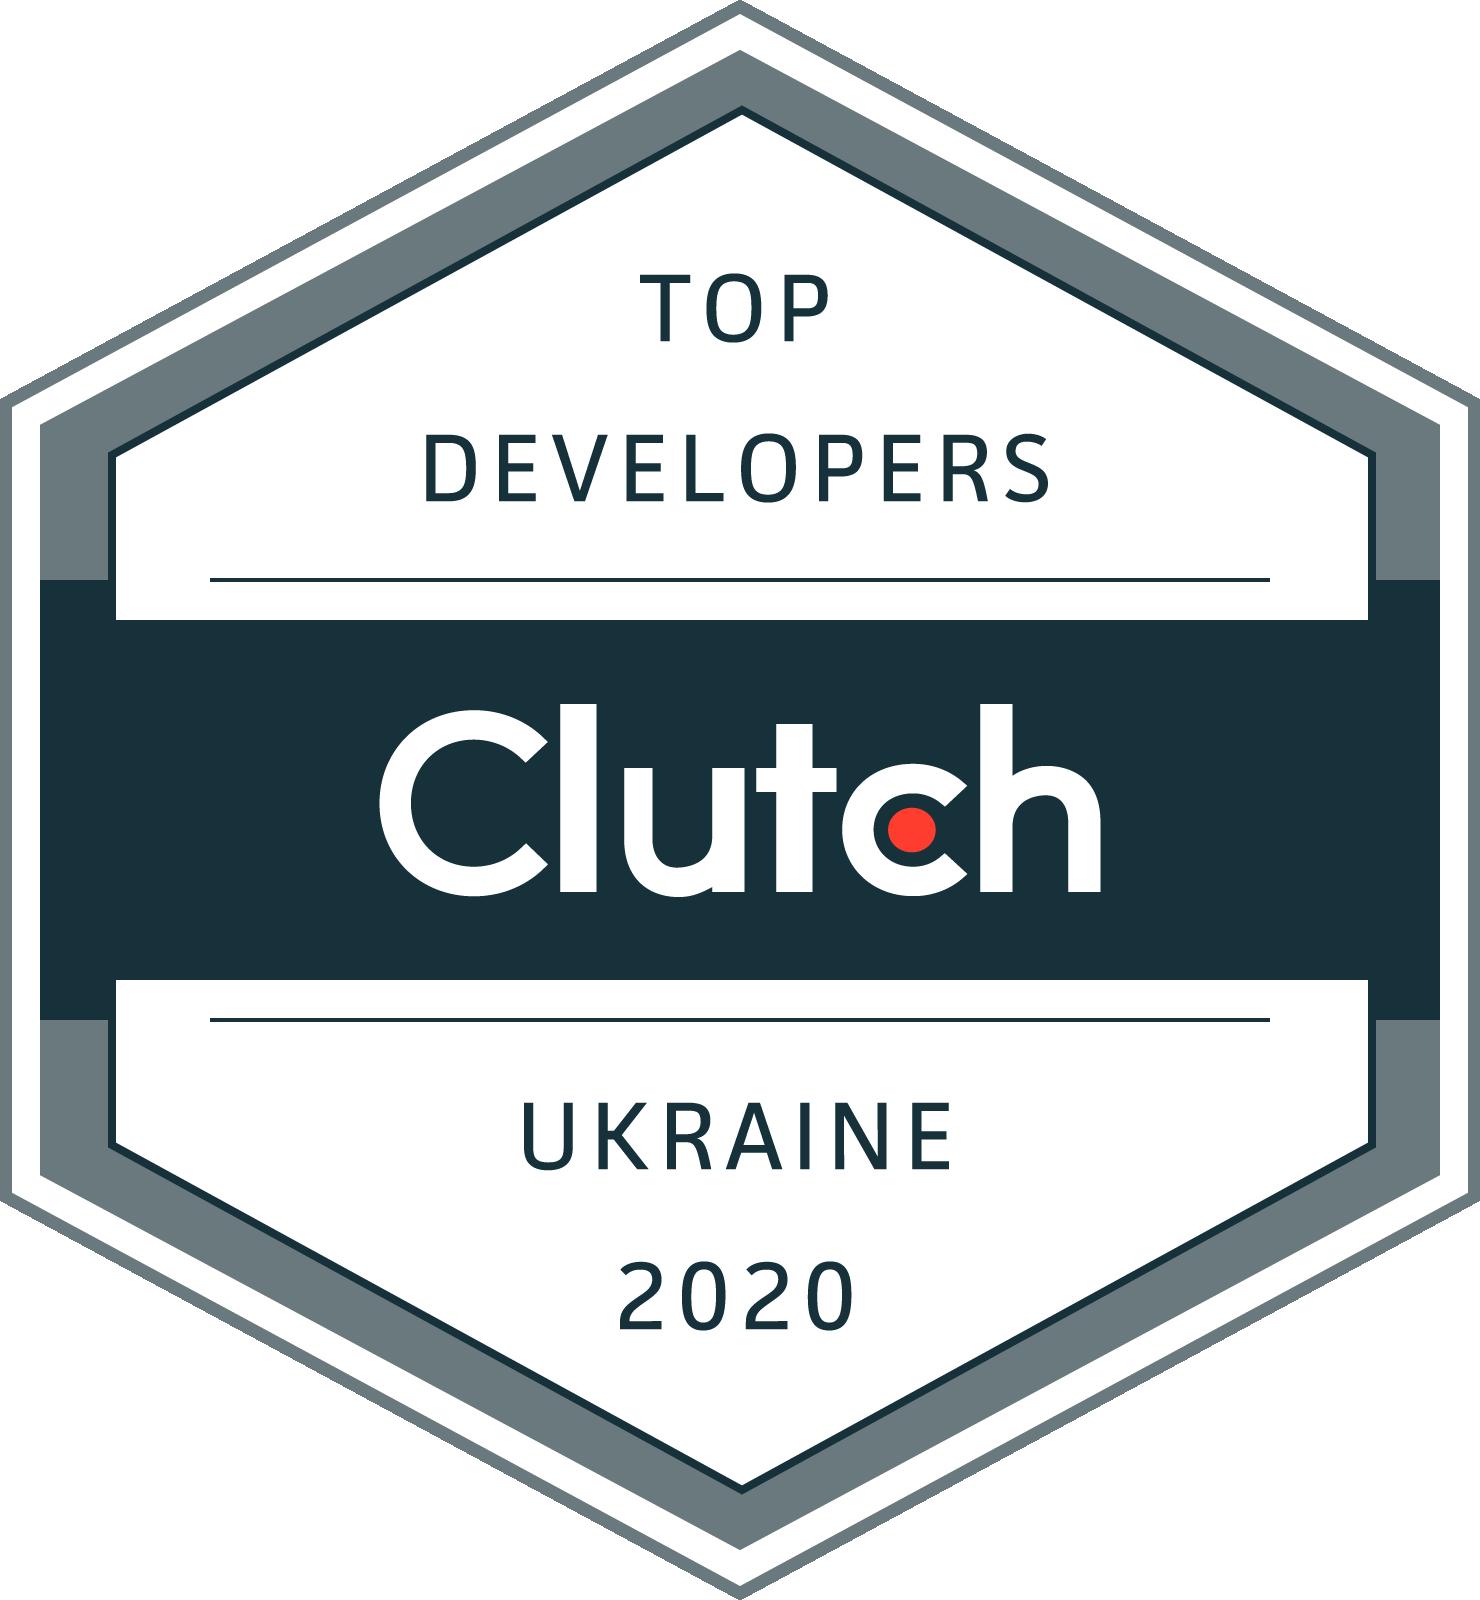 Top Developers 2020